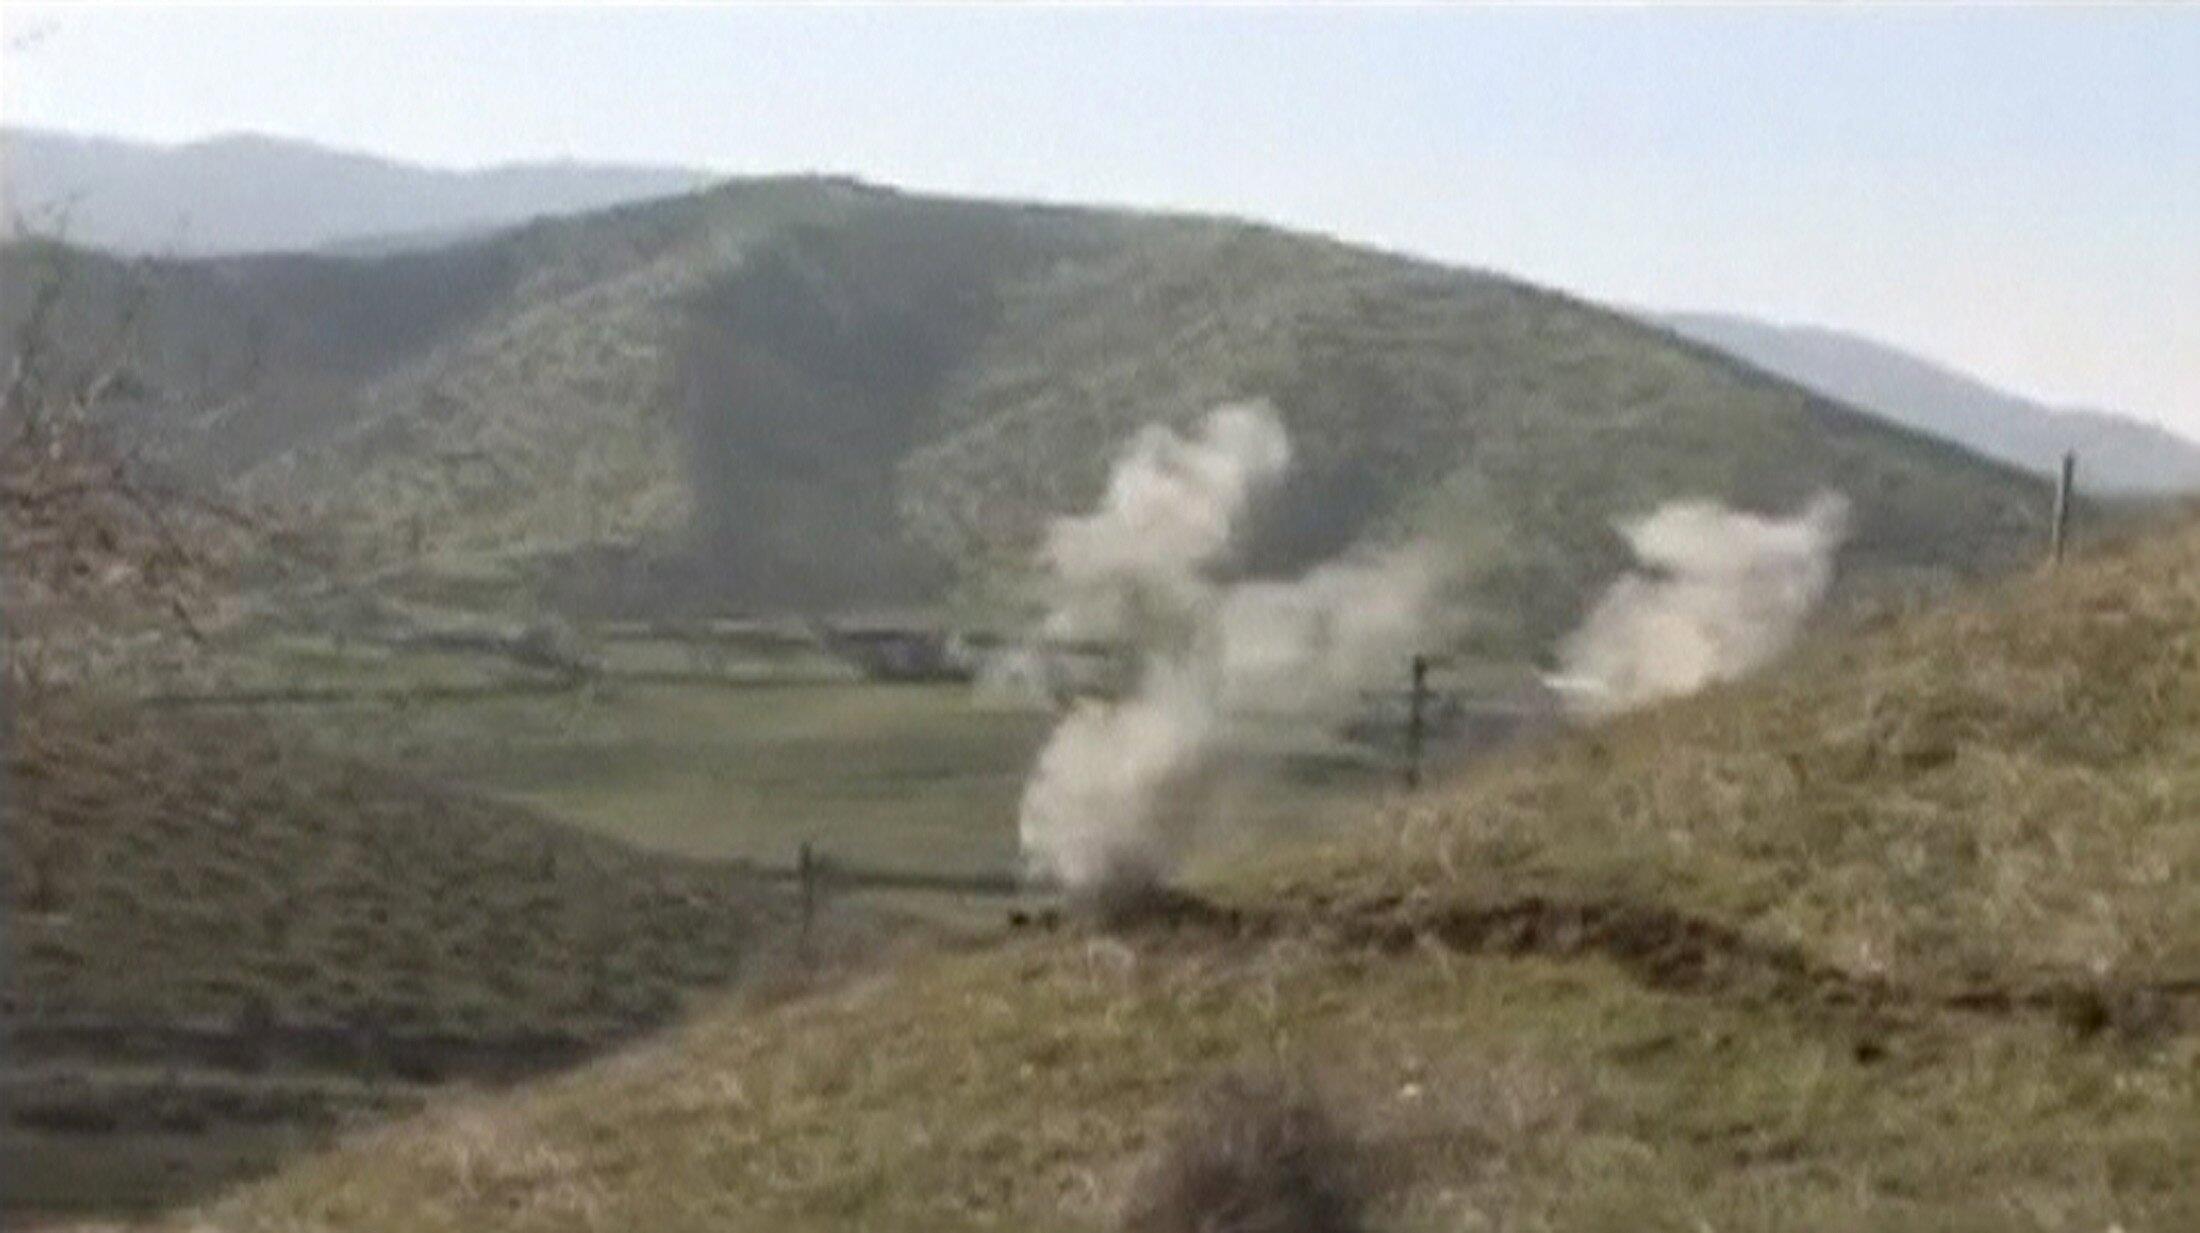 Hình ảnh trích từ video của bộ Quốc Phòng nước cộng hòa tự xưng Thượng Karabakh về cuộc giao tranh hôm 02/04/2016.